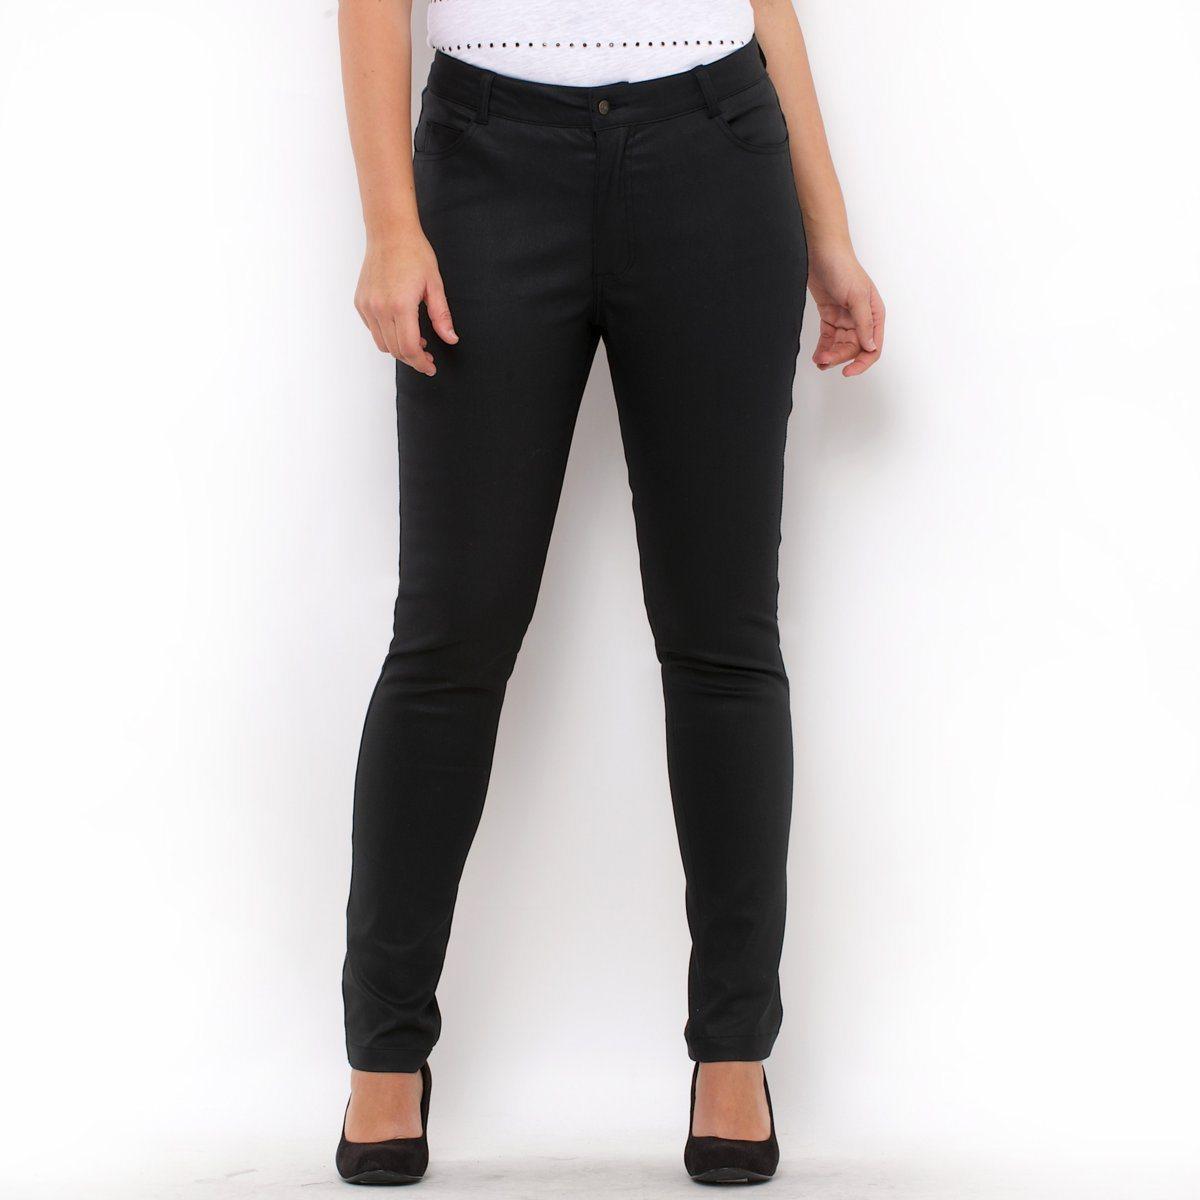 Je craque pour une nouvelle veste sur jean-femme.biz